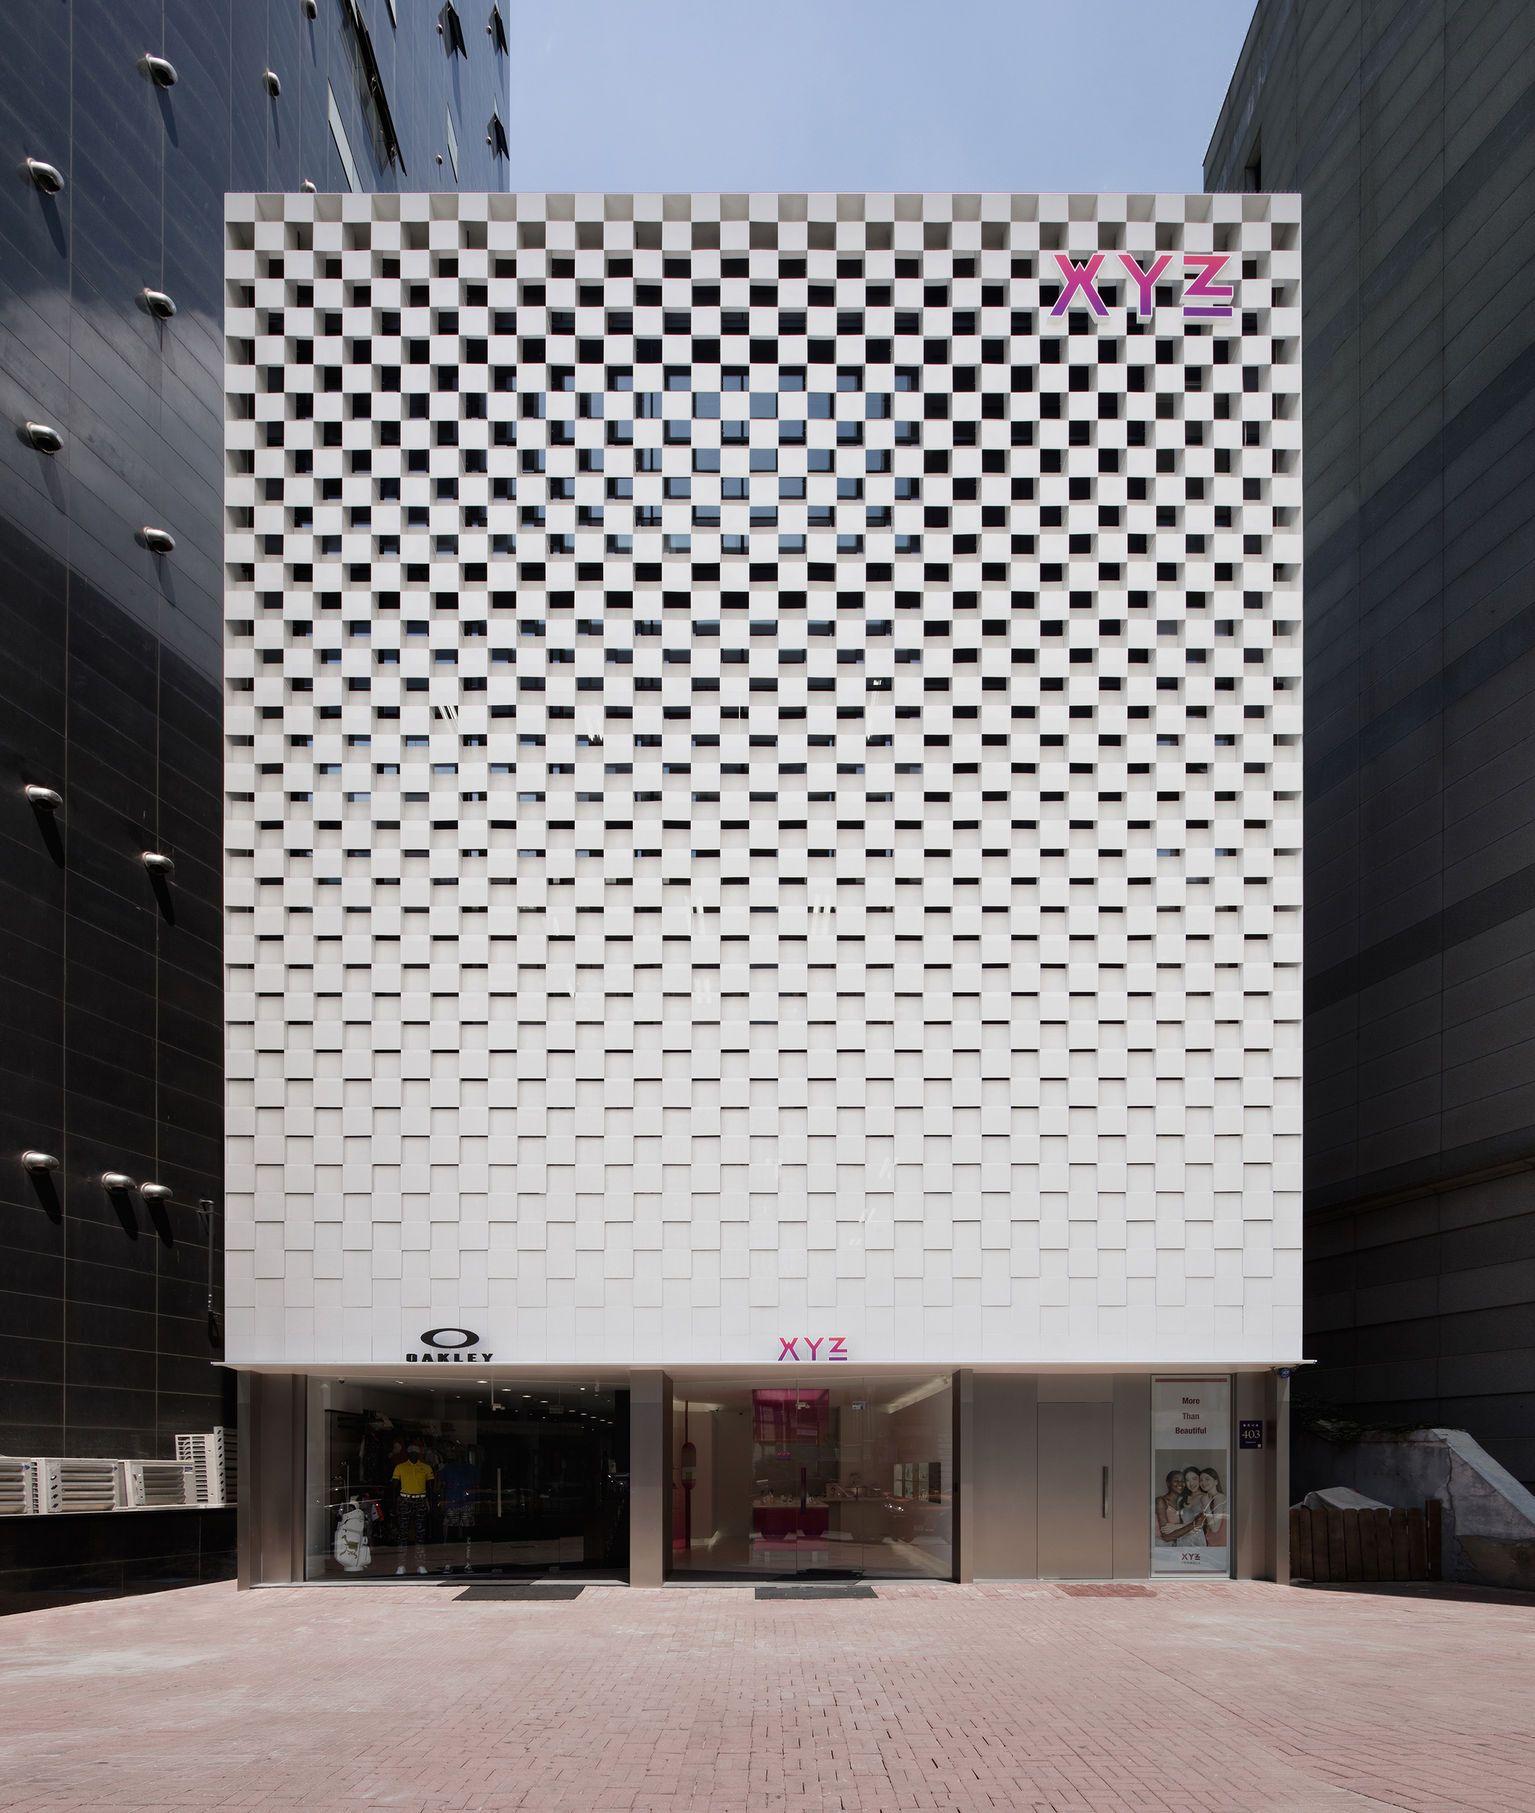 Xyz Flagship Store Facade Architecture Facade Design Architecture